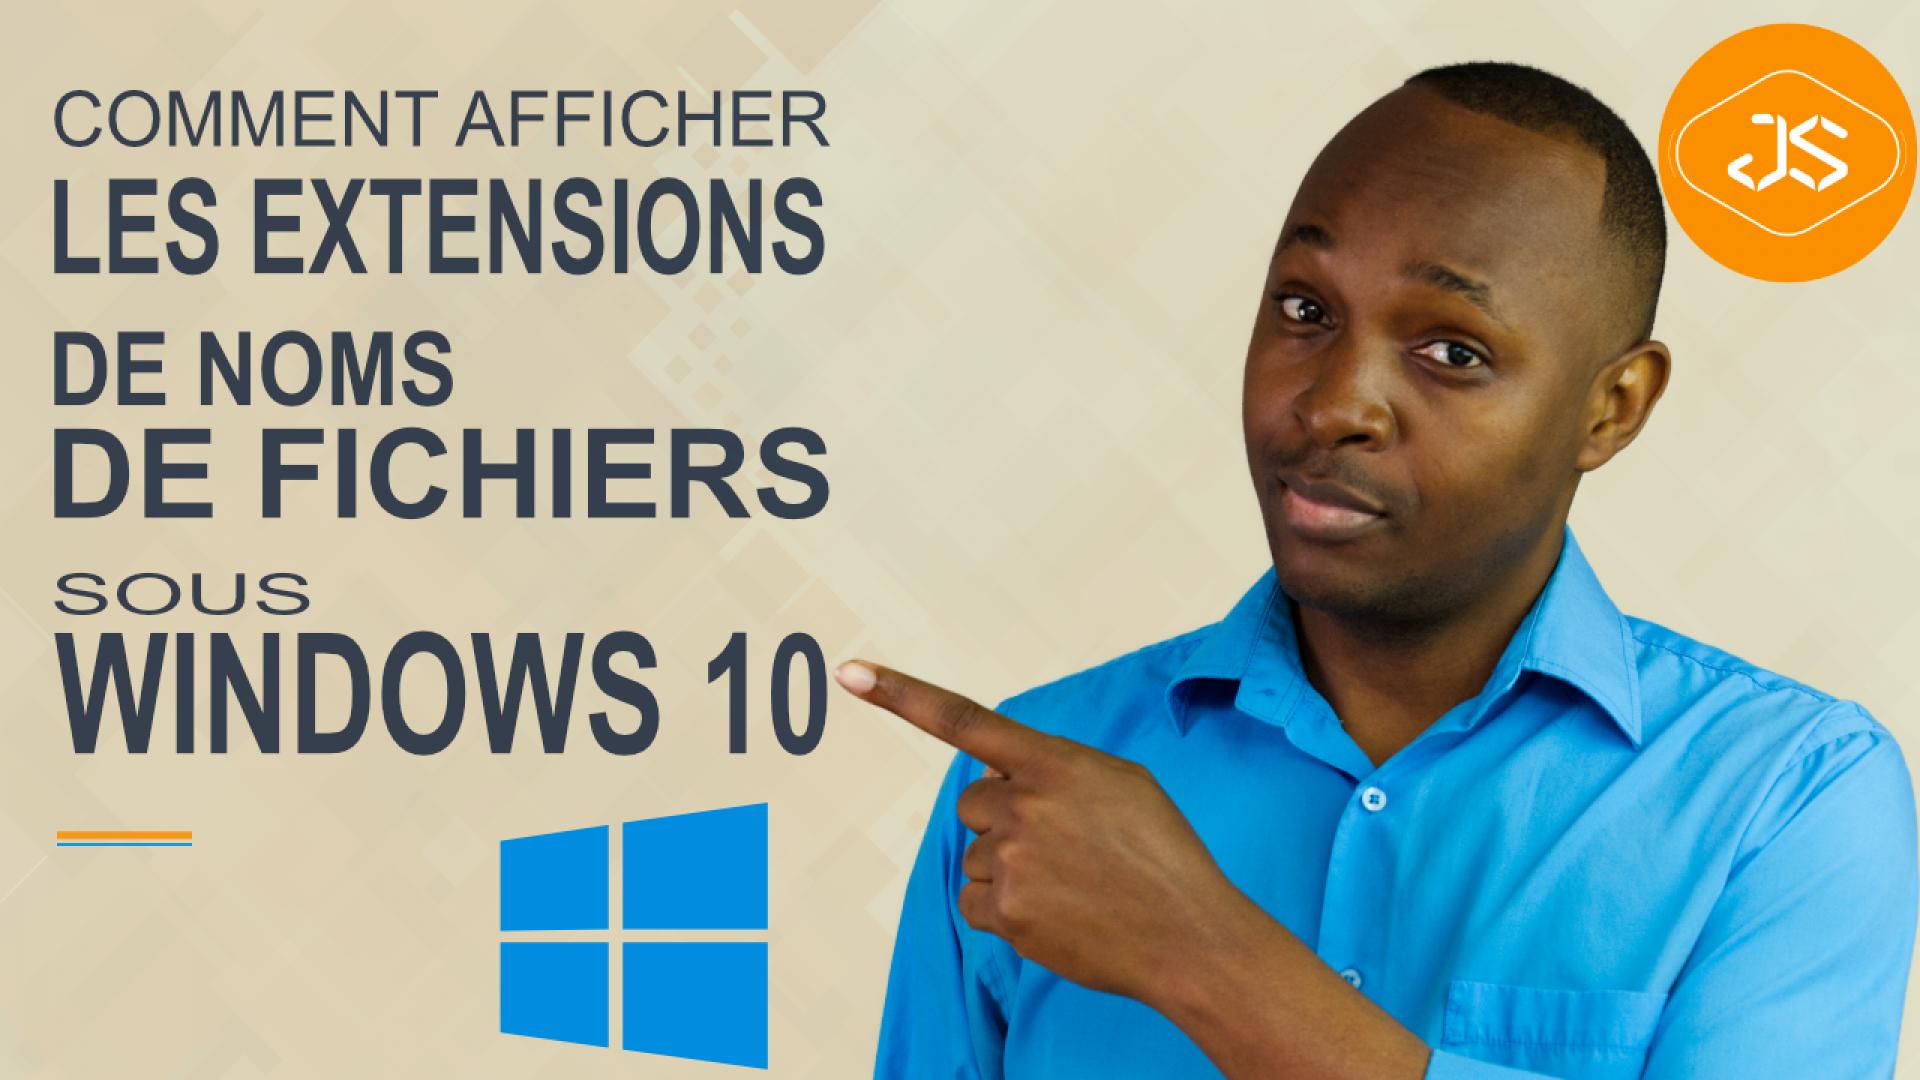 Afficher les extensions de noms de fichiers sous Windows 10